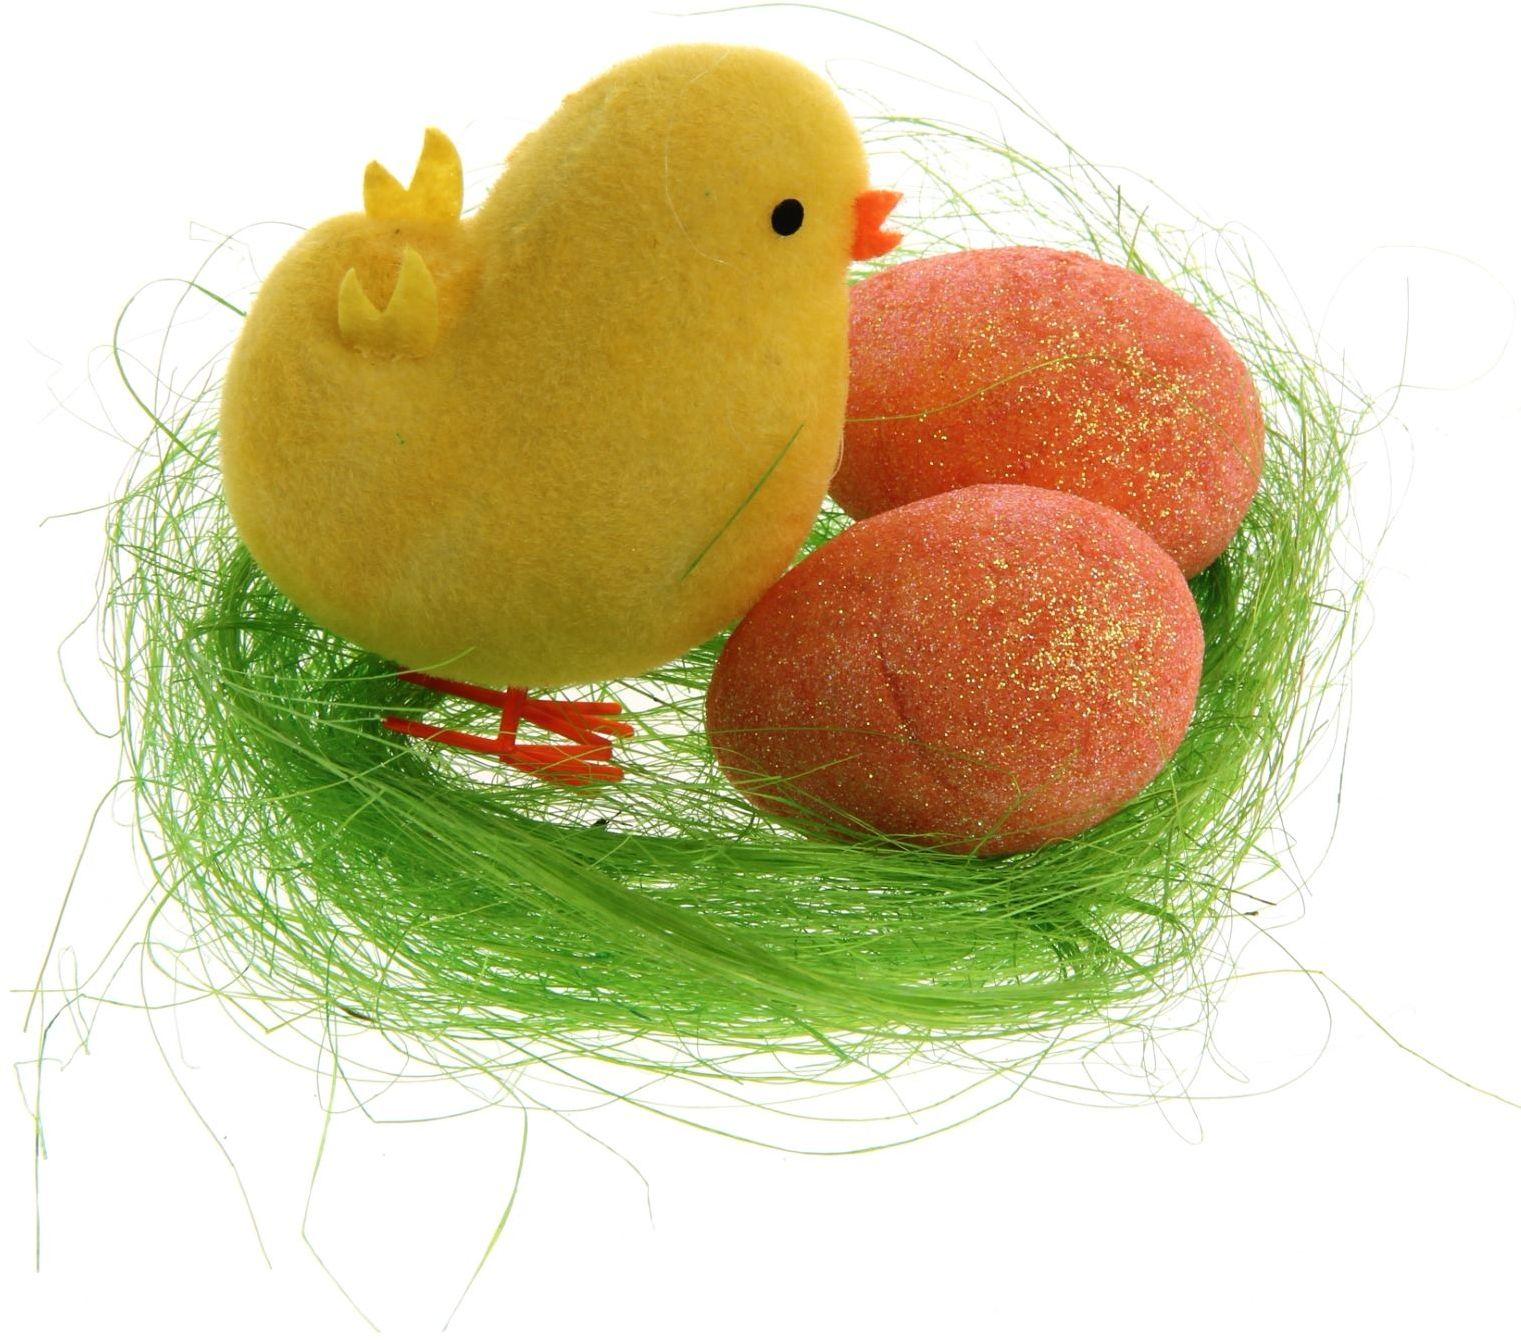 Сувенир пасхальный Sima-land Цыплёнок на травке, 6 х 6 х 10 см993487Дарить подарки на Пасху – это такая же традиция, как красить яйца и выпекать куличи. Презенты вдвойне приятнее, если они несут в себе сакральный смысл и имеют какое-то значение.Сувенир Цыплёнок на травке, цвета МИКС - это символ возрождения и непрерывности жизни. С его помощью вы сможете украсить жилище, преподнести его близкому человеку или использовать при сервировке стола всю пасхальную неделю. Кроме того, пасхальные цыплята нравятся маленьким деткам.